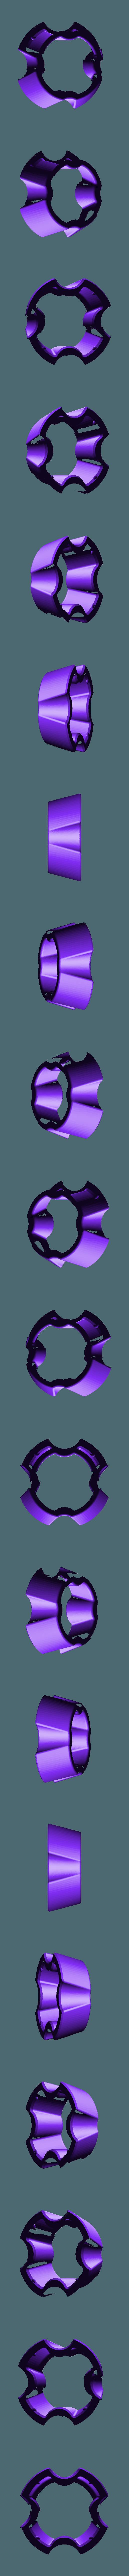 Enbiggener_v2_JBRemix.stl Télécharger fichier STL gratuit Porte-bobine à centre ajustable • Design pour imprimante 3D, jonbourg